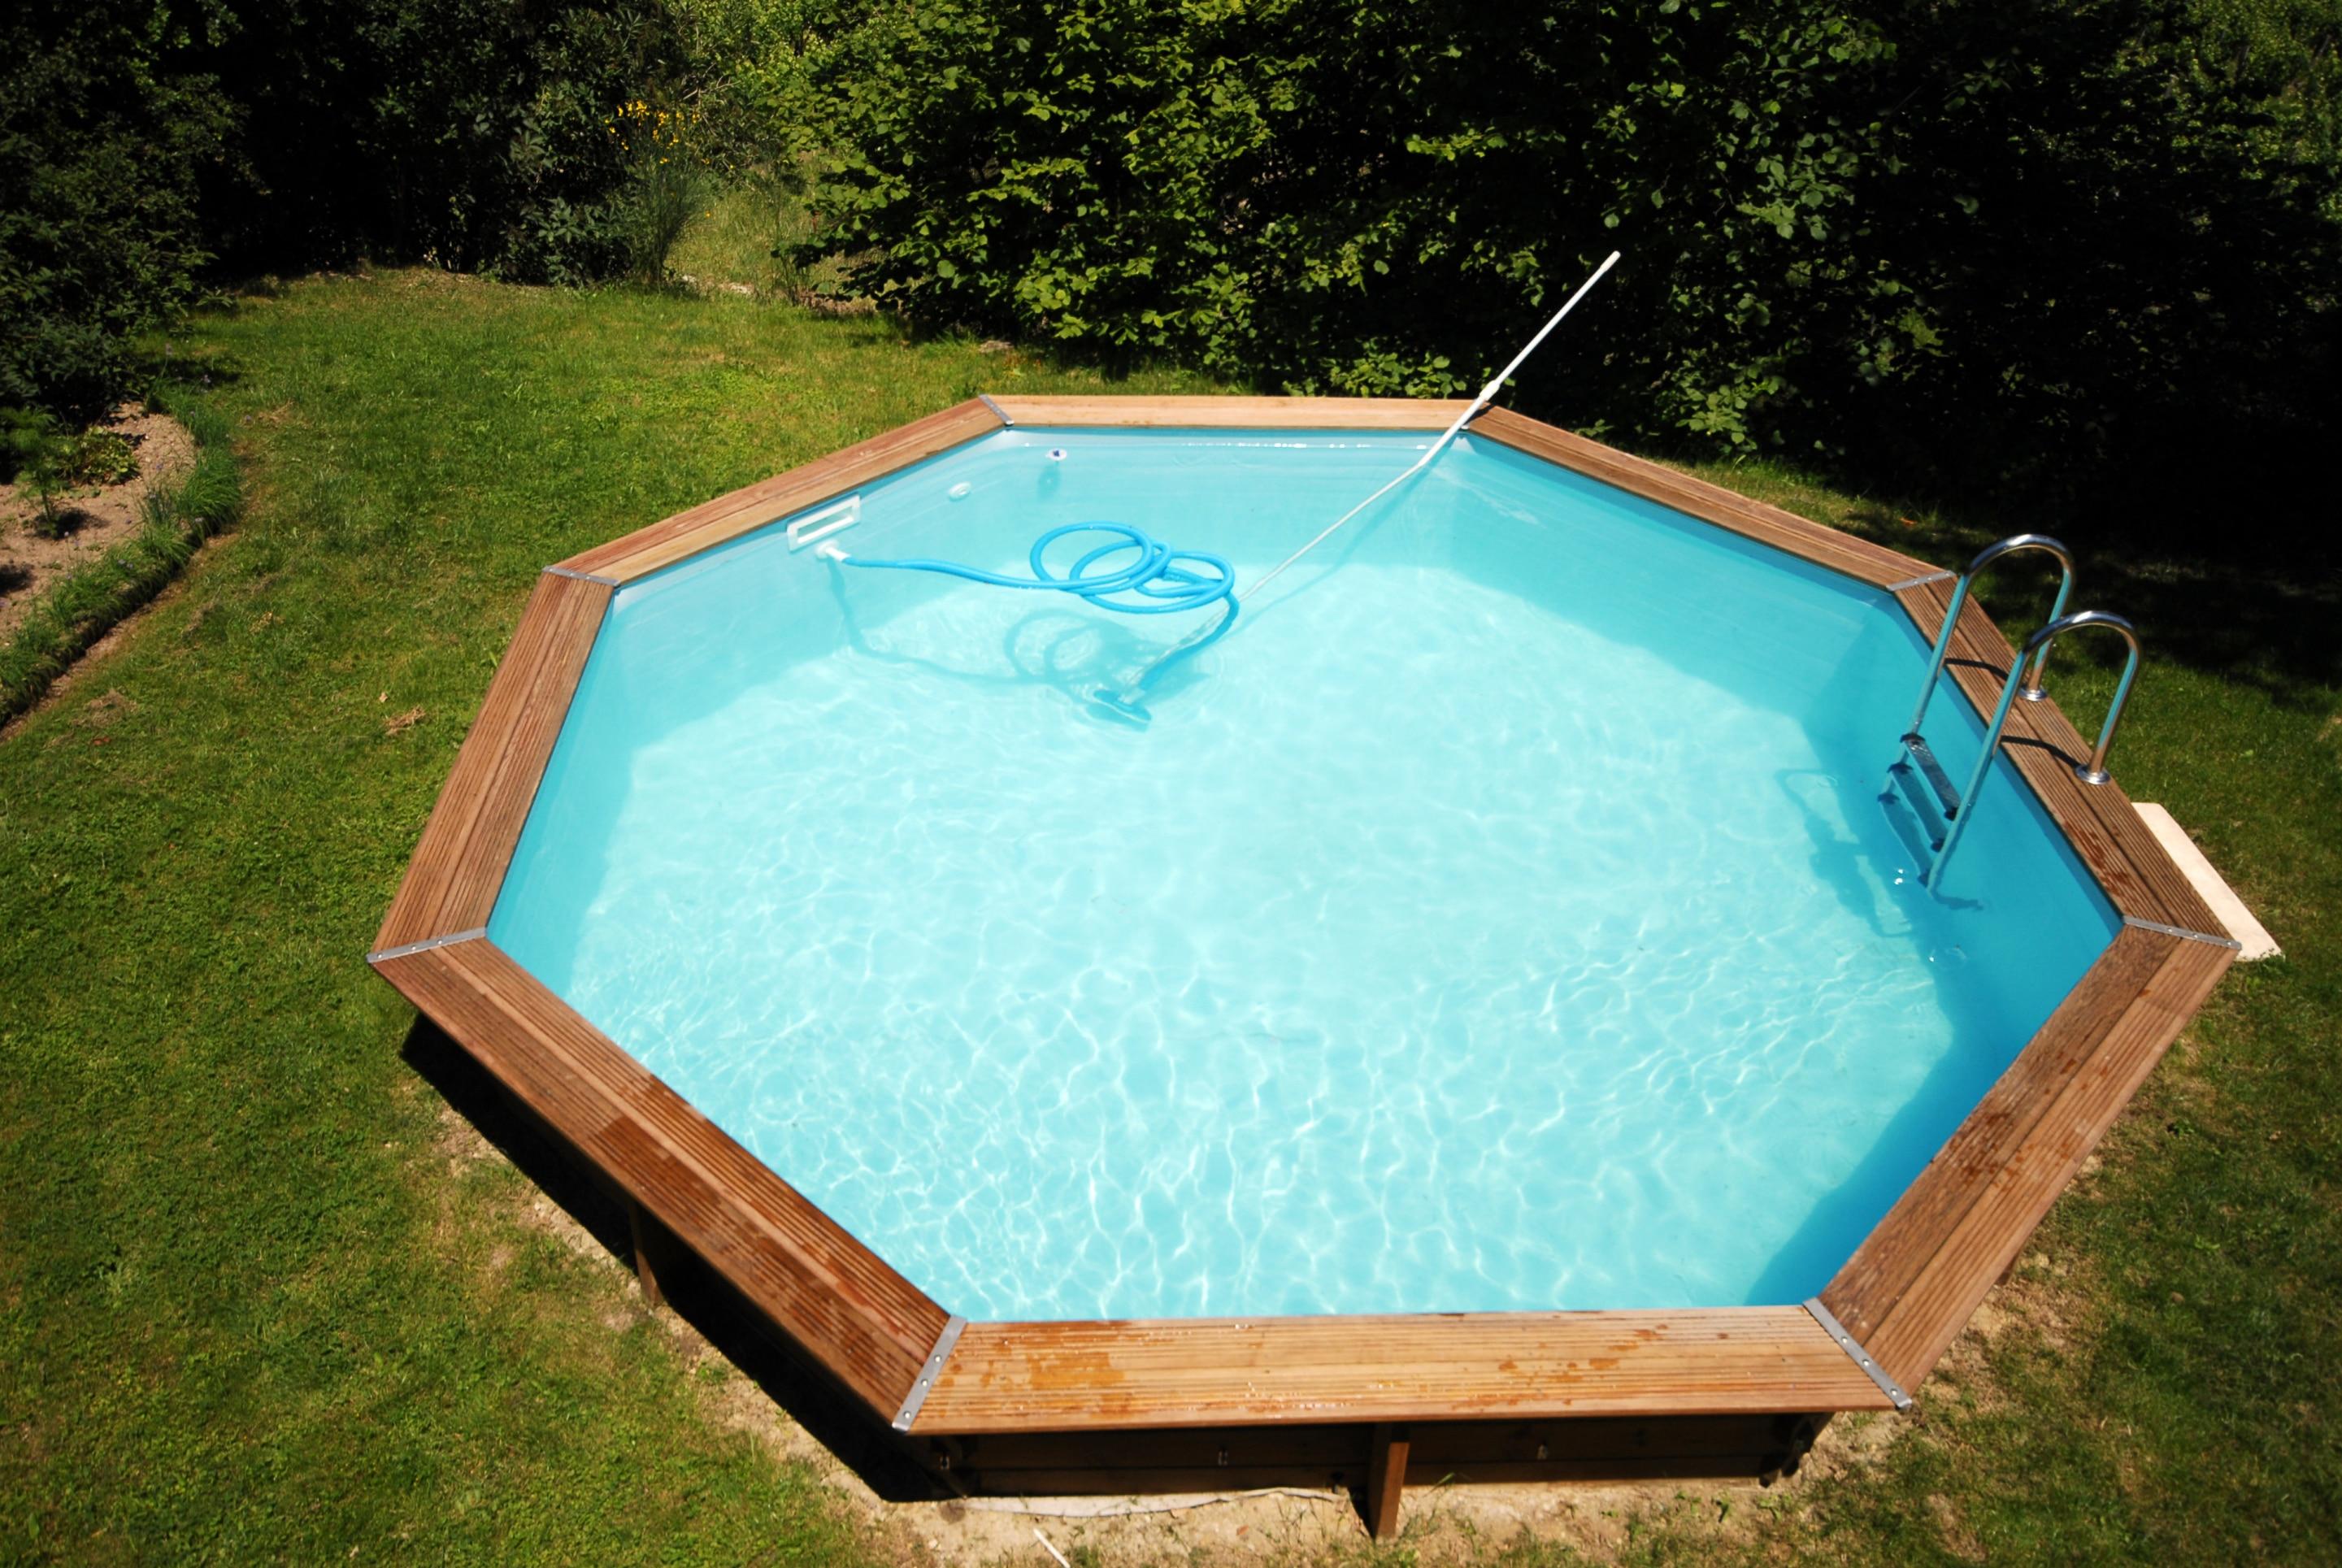 Comment Monter Une Piscine Hors Sol prix d'une piscine hors sol en bois